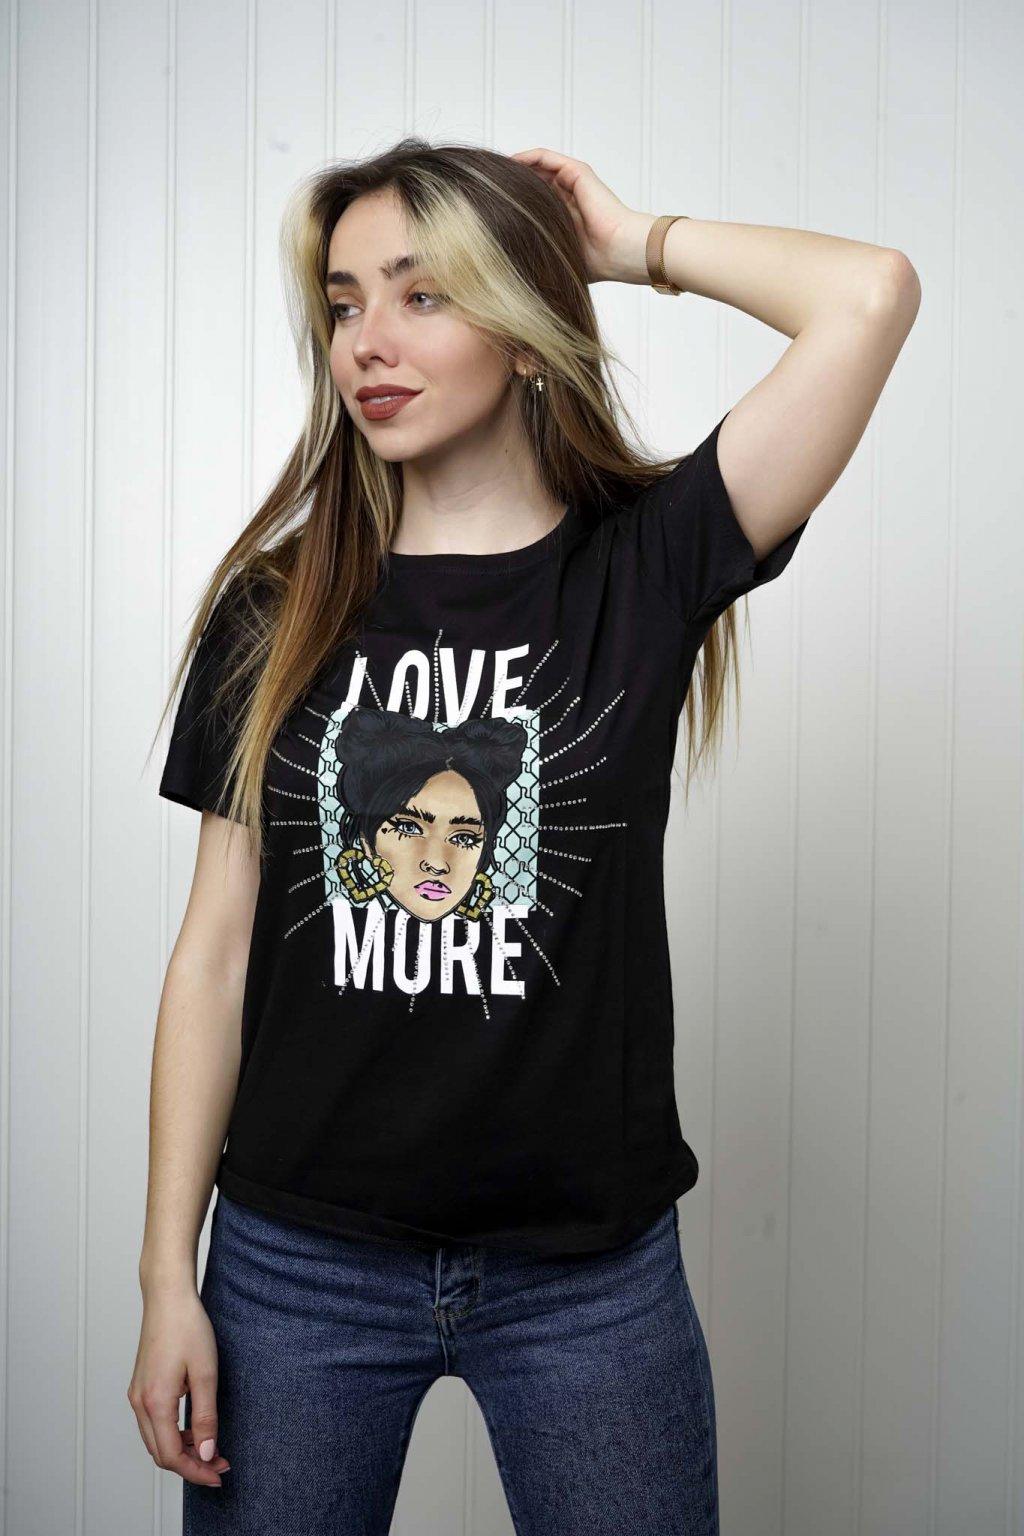 tričko, tričkové šaty, biele, čierne, žlté, vzorované, potlač, vyšívané, nášivky, fialové, street style, 29